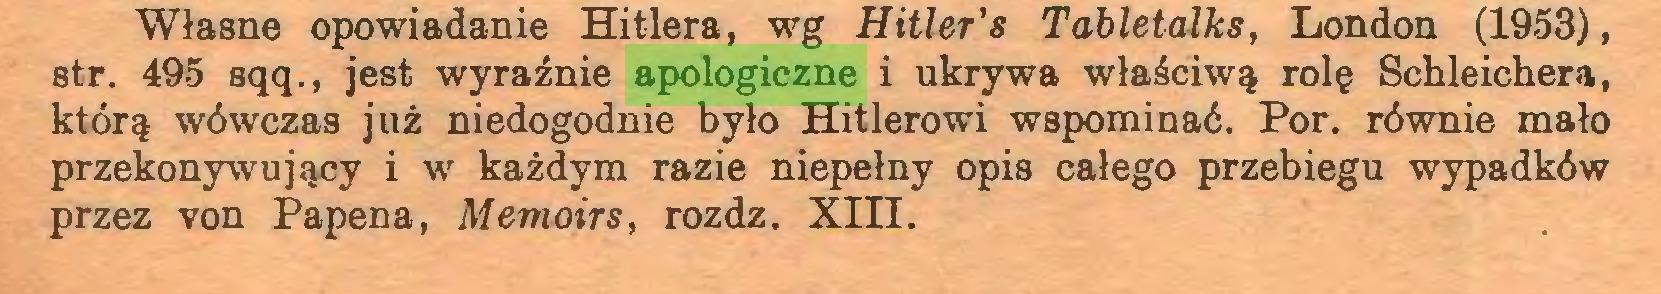 (...) Własne opowiadanie Hitlera, wg Hitler's Tabletalks, London (1953), str. 495 sqq., jest wyraźnie apologiczne i ukrywa właściwą rolę Schleichera, którą wówczas już niedogodnie było Hitlerowi wspominać. Por. równie mało przekonywujący i w każdym razie niepełny opis całego przebiegu wypadków przez von Papena, Memoirs, rozdz. Xin...